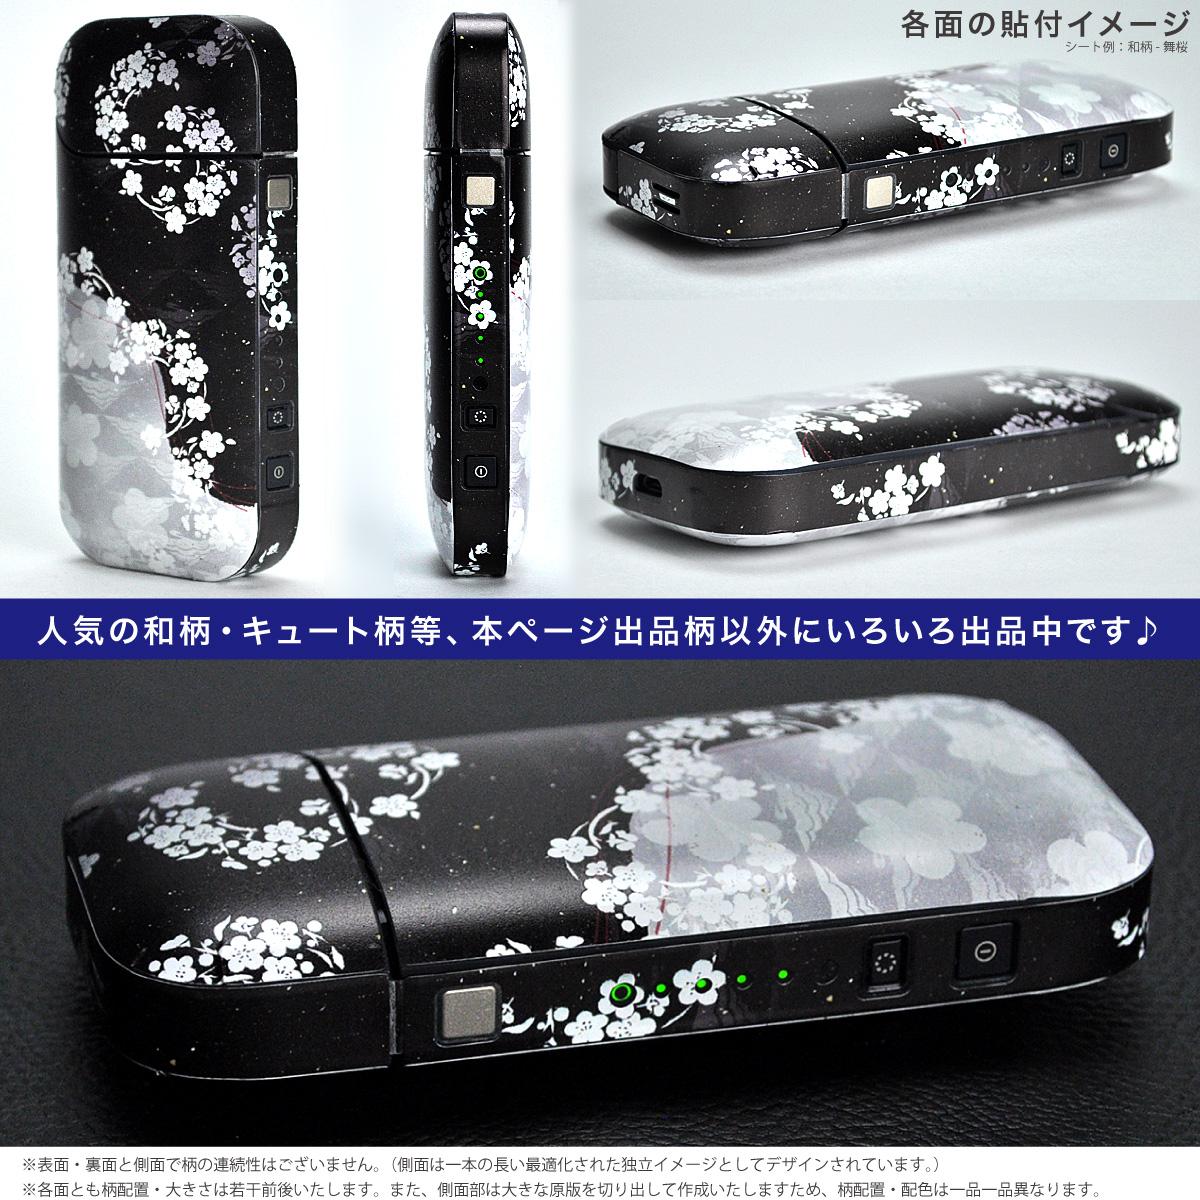 iQOS(アイコス) 専用 デコレーション スキンシール 表面・裏面&側面セット 【 水彩/フラワー シリーズ 】